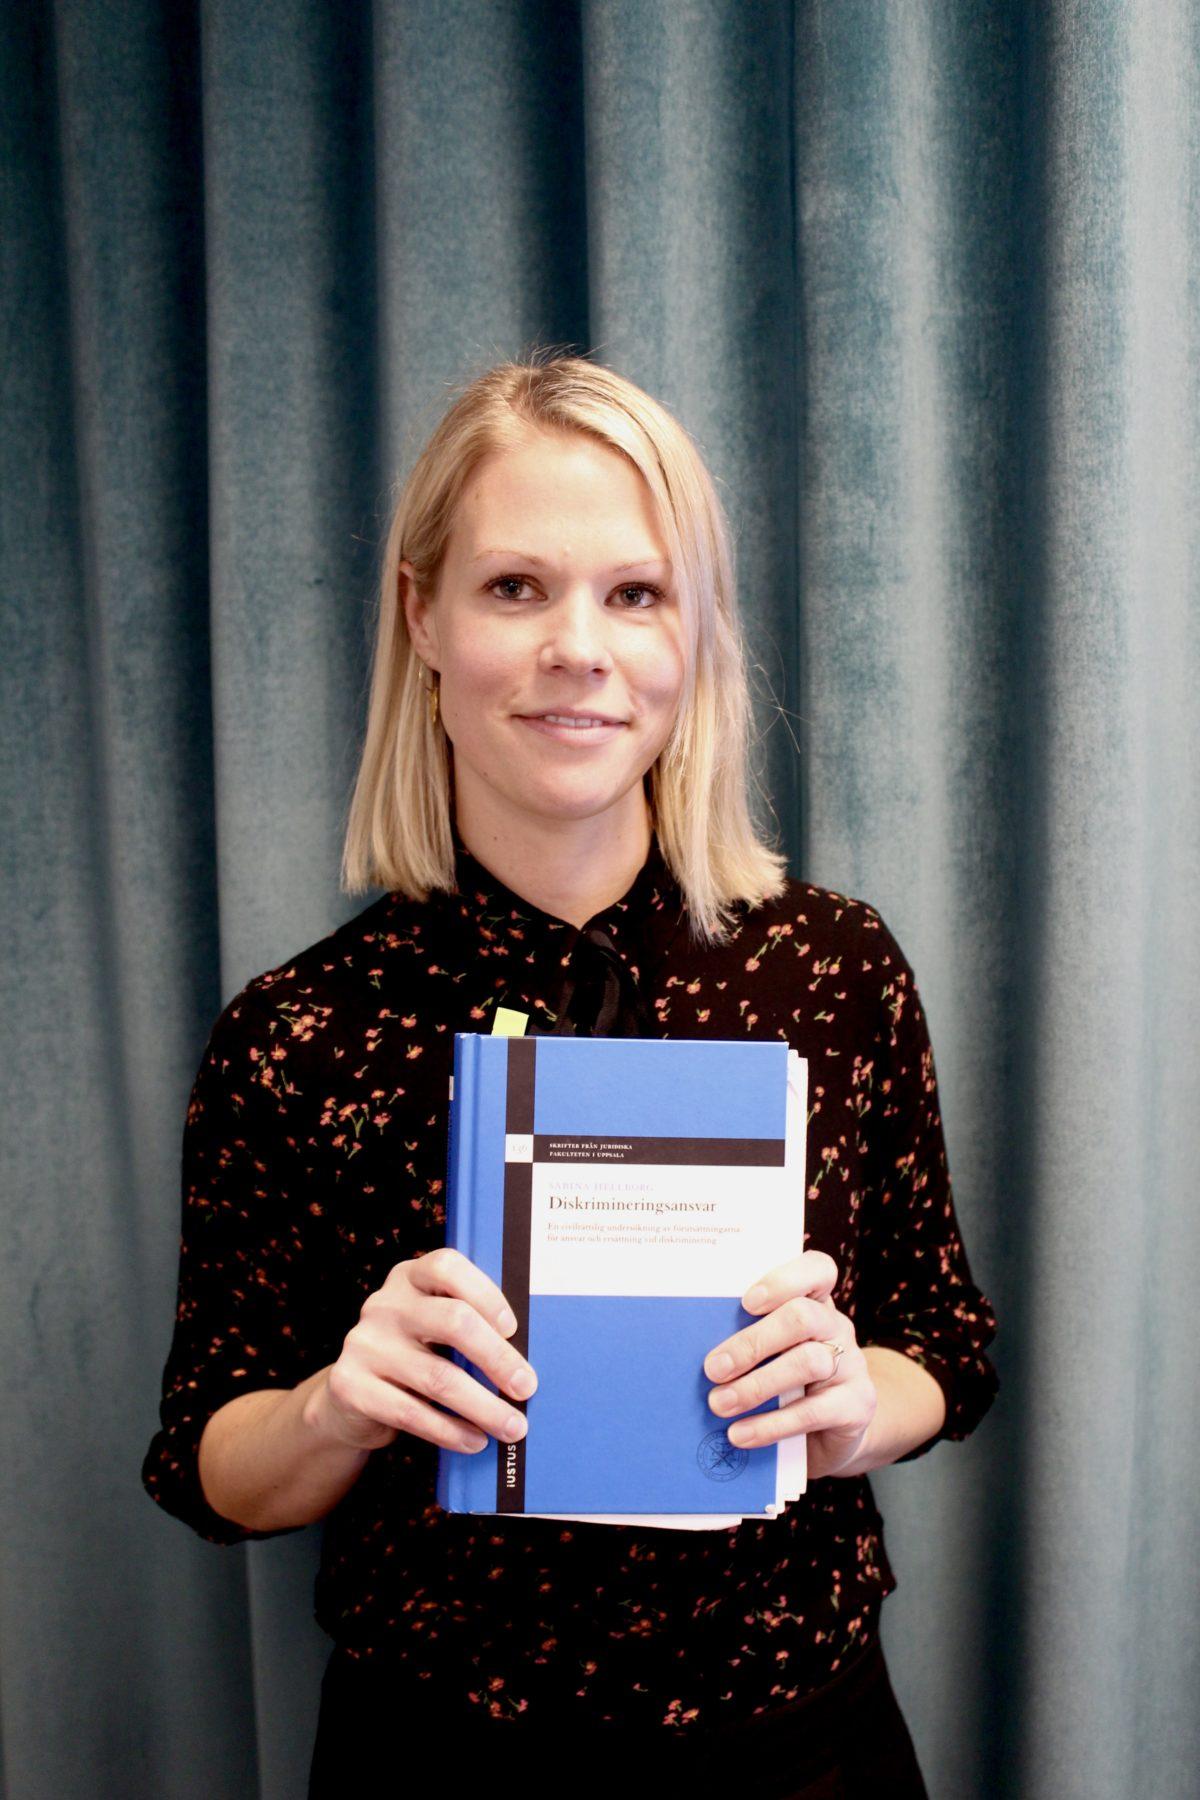 INTERVJU: Sabina Hellborg – Så kan diskrimineringsersättning bli effektivare